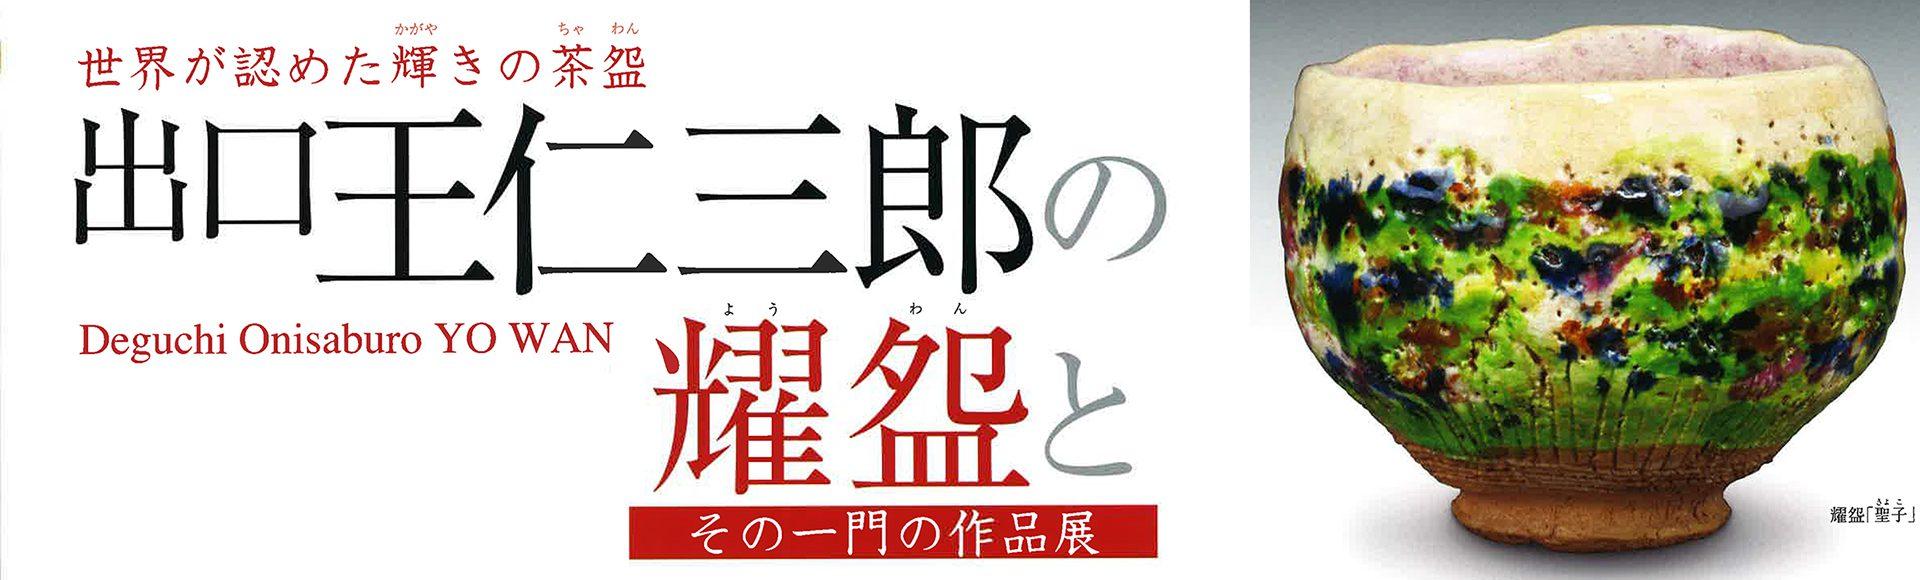 出口王仁三郎の耀盌とその一門の作品展(名古屋・H30.03.06〜11)